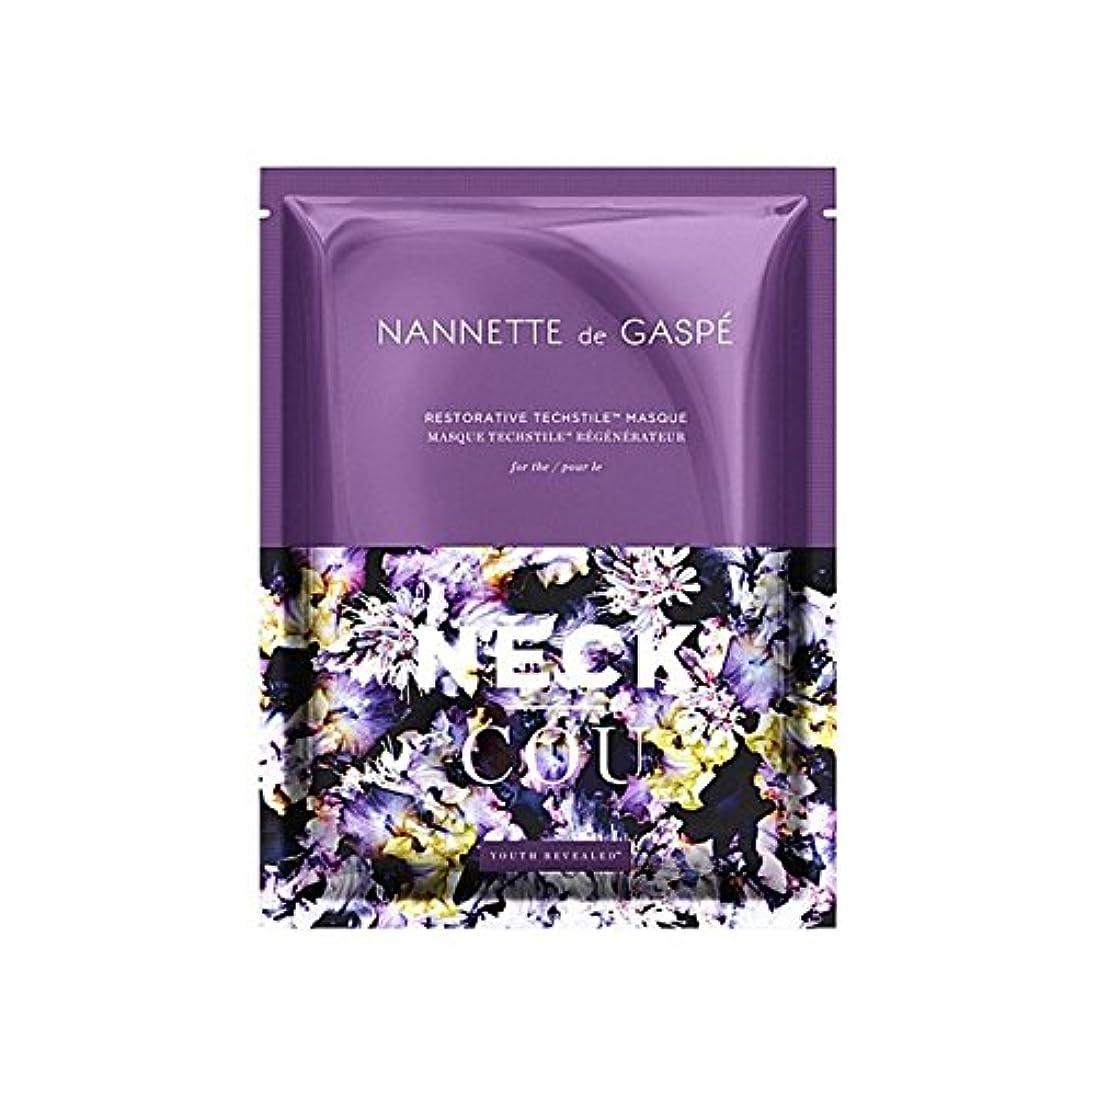 討論靴デガスペ修復首の仮面劇 x4 - Nannette De Gaspe Restorative Techstile Neck Masque (Pack of 4) [並行輸入品]